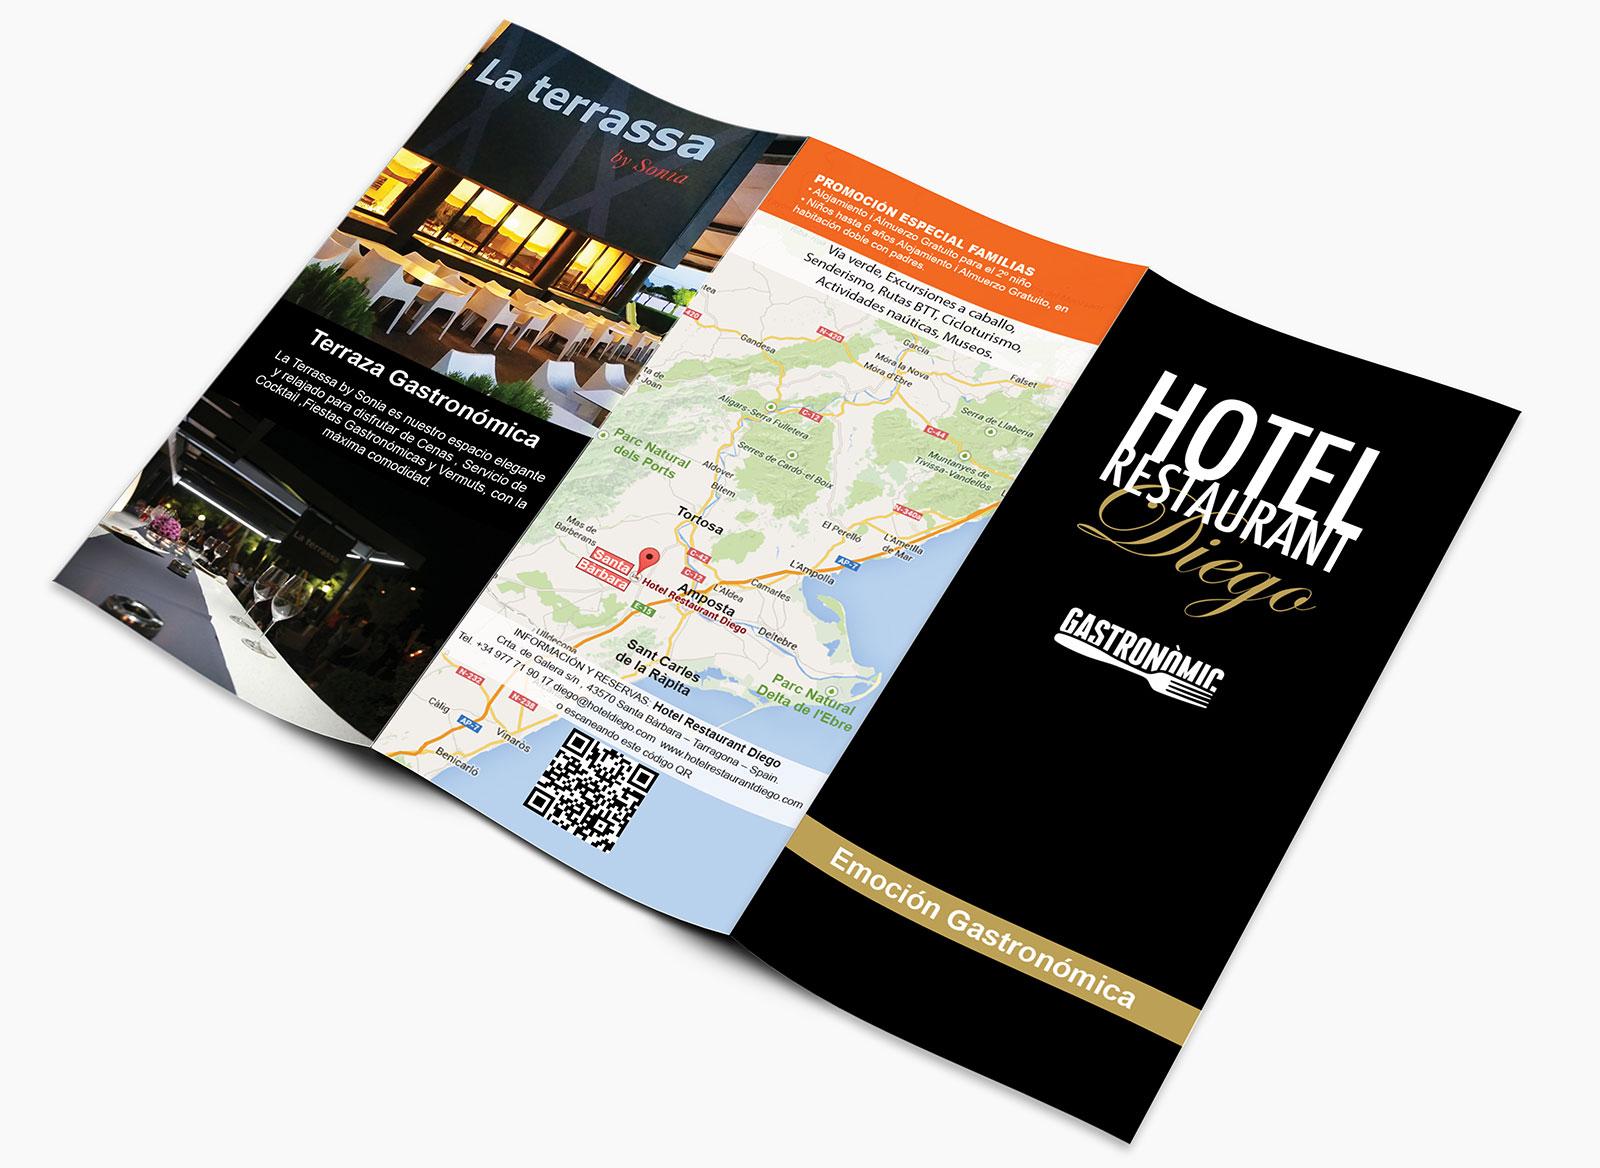 hotel-restaurant-diego2